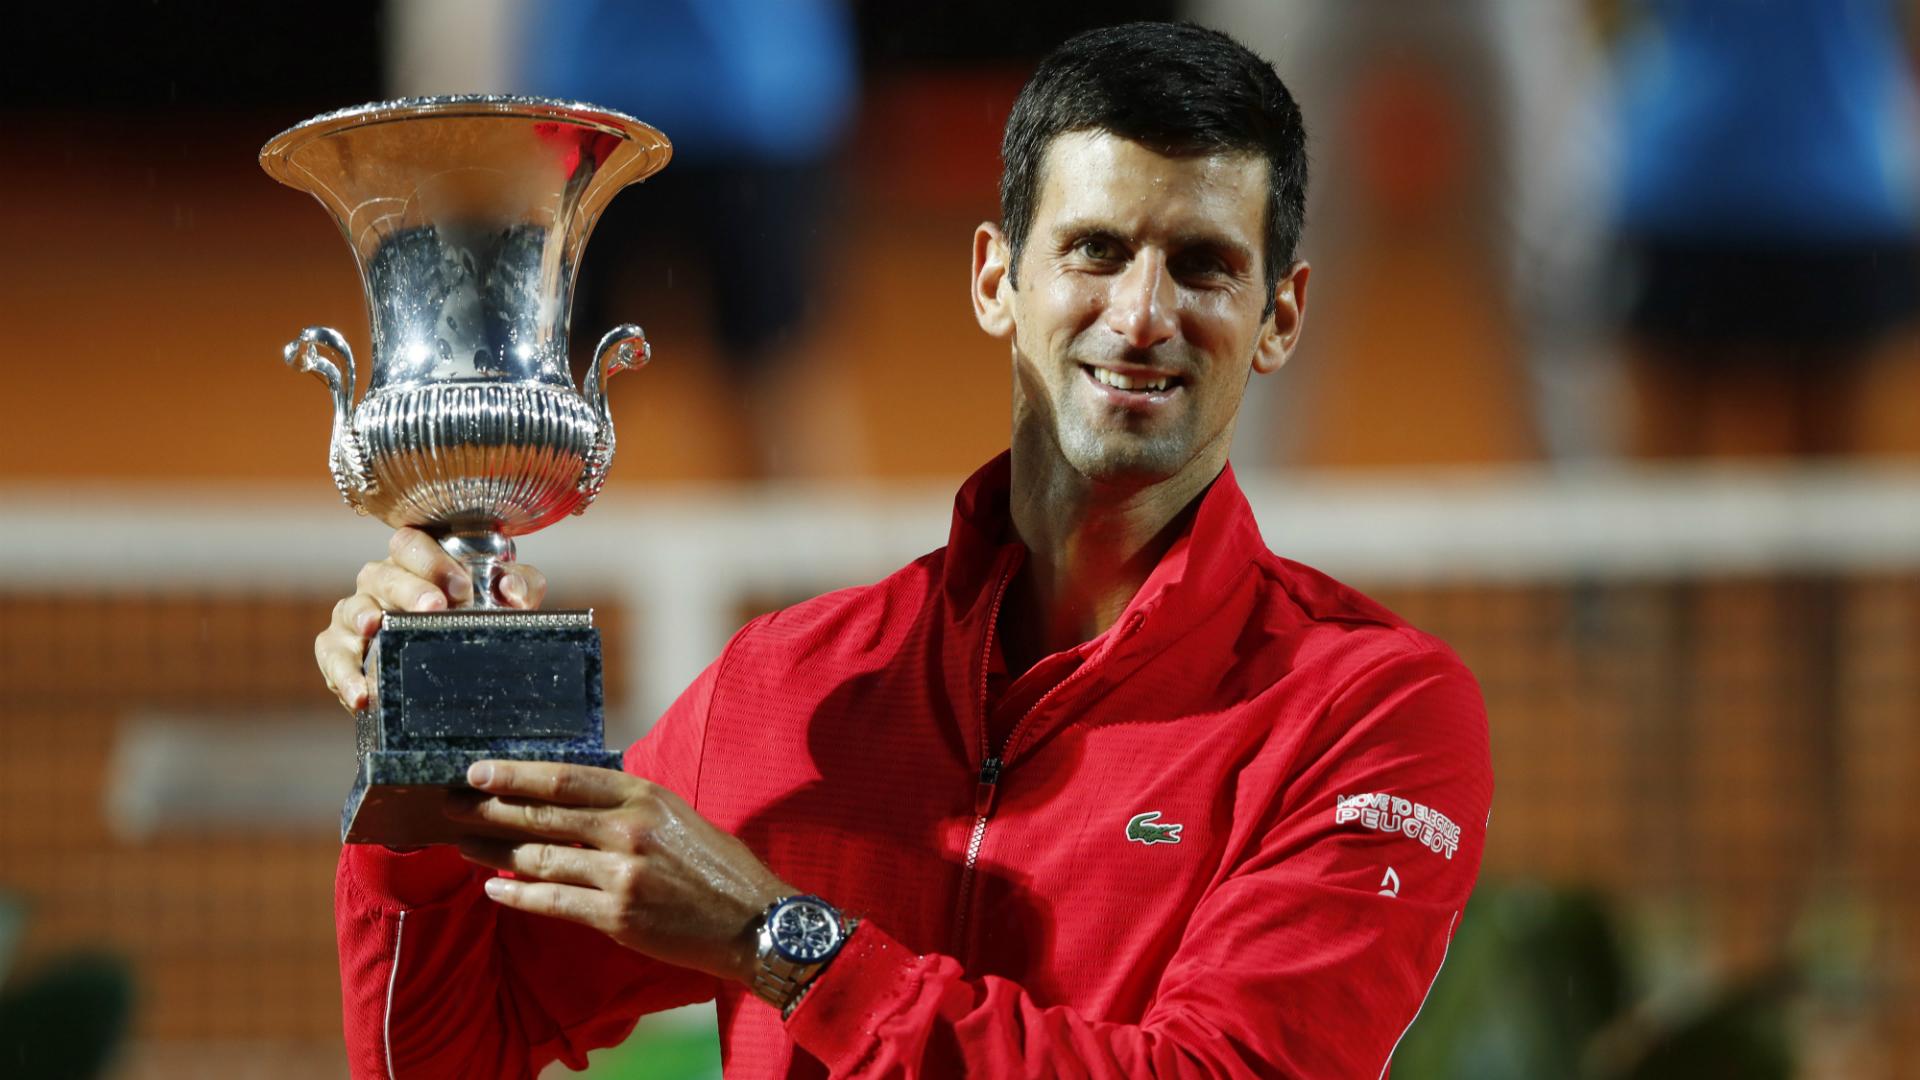 Djokovic Rome trophy